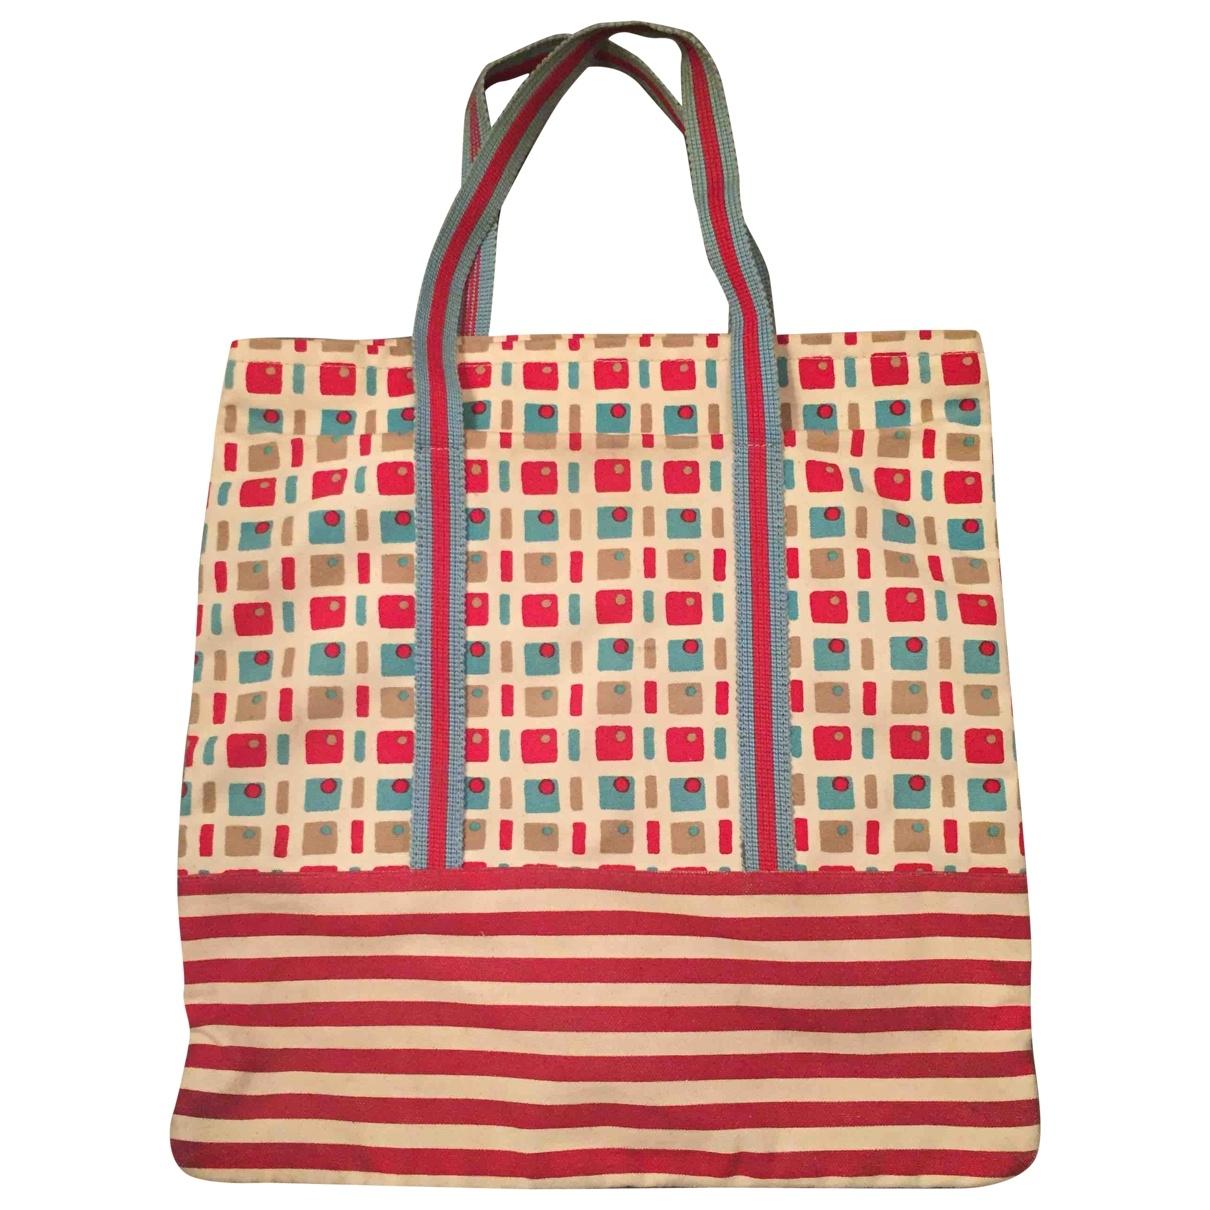 Marni \N Handtasche in  Bunt Baumwolle